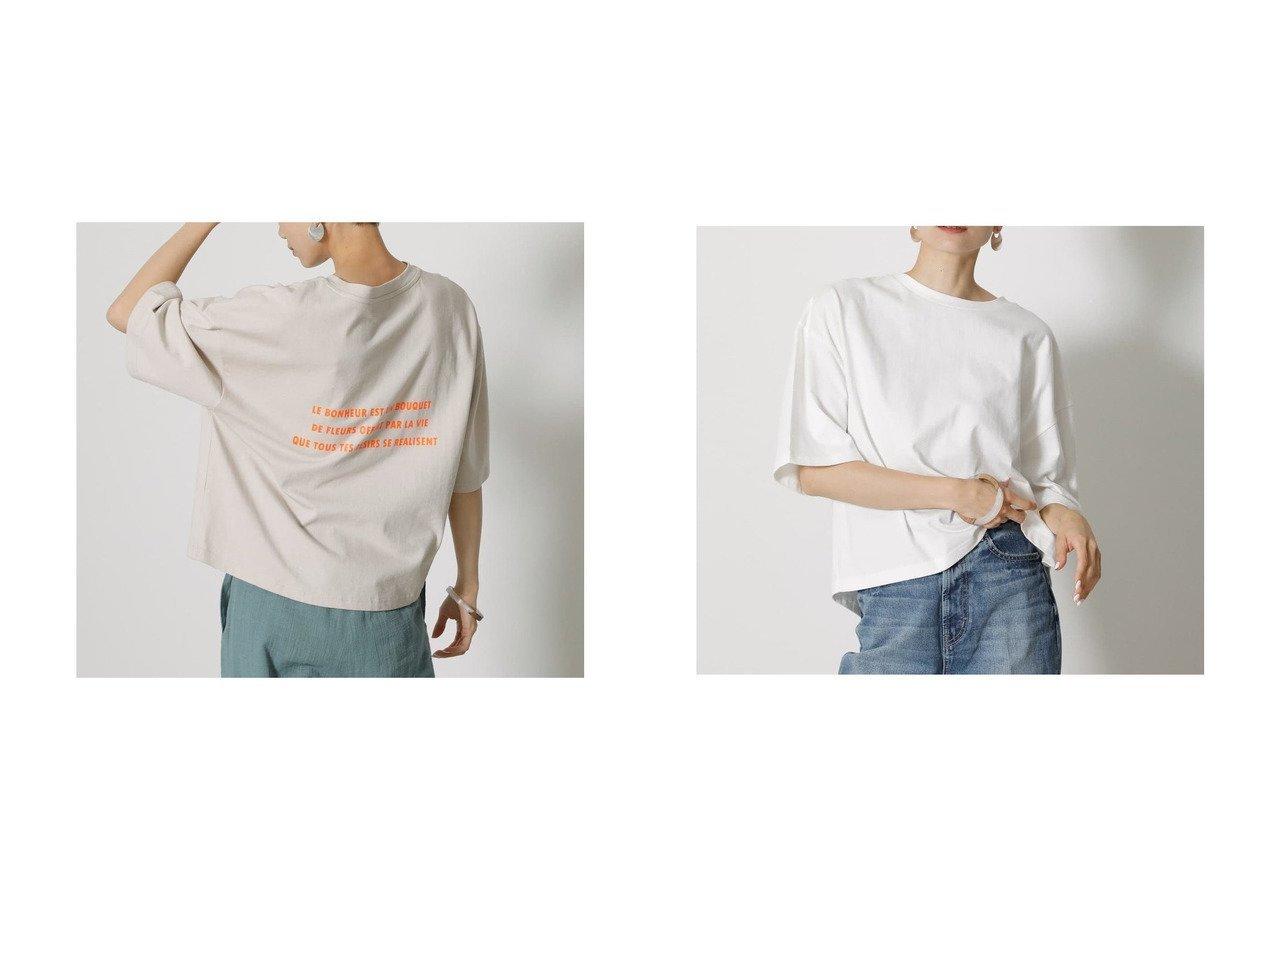 【AZUL by moussy/アズール バイ マウジー】のBACK NEON LOGO TEE 【プチプライス・低価格】おすすめ!人気、トレンド・レディースファッションの通販 おすすめで人気の流行・トレンド、ファッションの通販商品 インテリア・家具・メンズファッション・キッズファッション・レディースファッション・服の通販 founy(ファニー) https://founy.com/ ファッション Fashion レディースファッション WOMEN 2021年 2021 2021春夏・S/S SS/Spring/Summer/2021 S/S・春夏 SS・Spring/Summer ショート デニム プリント ボトム リラックス ルーズ 夏 Summer 春 Spring  ID:crp329100000054150